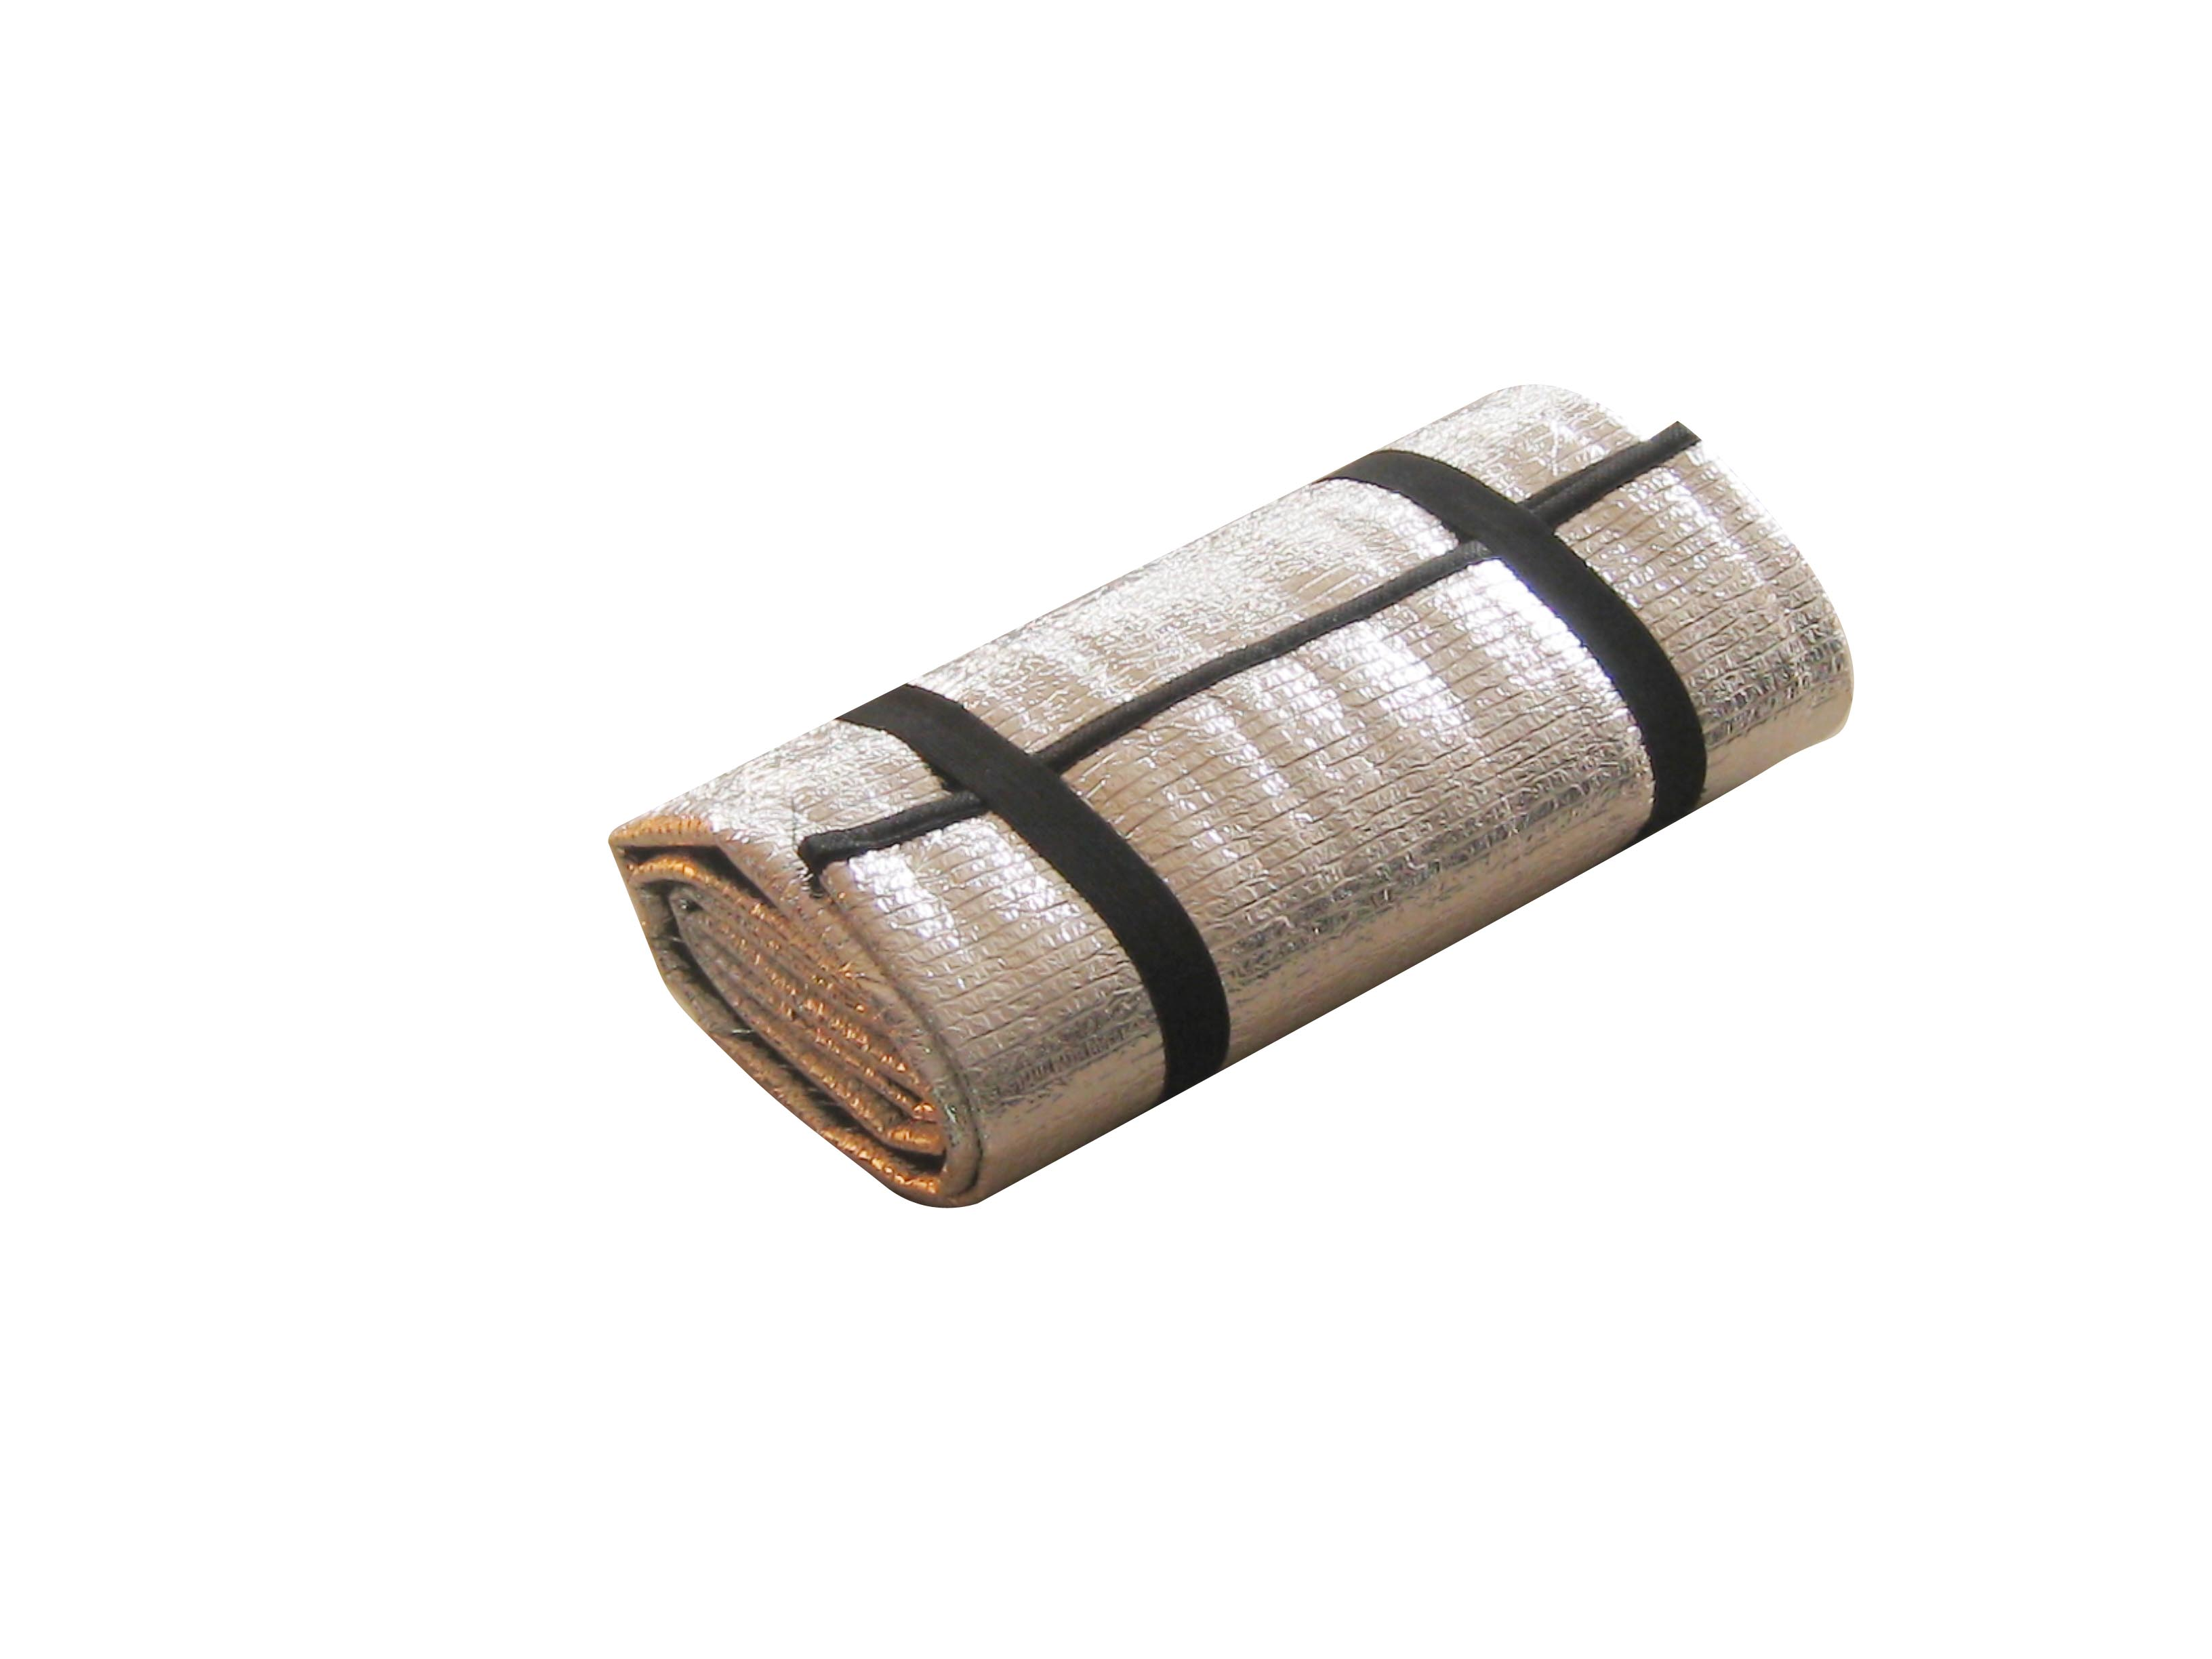 Коврик туристический Reka, цвет: серебристый, 180 х 50 х 0,2 смCM12Складной туристический коврик Reka выполнен из мягкого вспененного материала. Для дополнительного комфорта покрыт алюминиевой фольгой, обеспечивающей абсолютные барьерные свойства к кислороду и влаге, к проникновению бактерий и воздействию температур. Можно отметить, что алюминиевая фольга имеет высокую тепловую проводимость, обладает хорошей гибкостью и предотвращает основной материал от быстрого истирания, уменьшает теплопотери путем отражения инфракрасных волн.Коврик предназначен для туристических походов, выездов за город, рыбалки, для автомобилистов. На нем вы можете лежать, сидеть, спать без боязни за свое здоровье: он не пропускает холод и тепло, не впитывает влагу, легкий, мягкий, эластичный, экологически безопасный.Также коврик окажется незаменимым для занятия различными видами спорта. Сворачивается в рулон и затягивается ремешками для упрощения хранения и переноски.